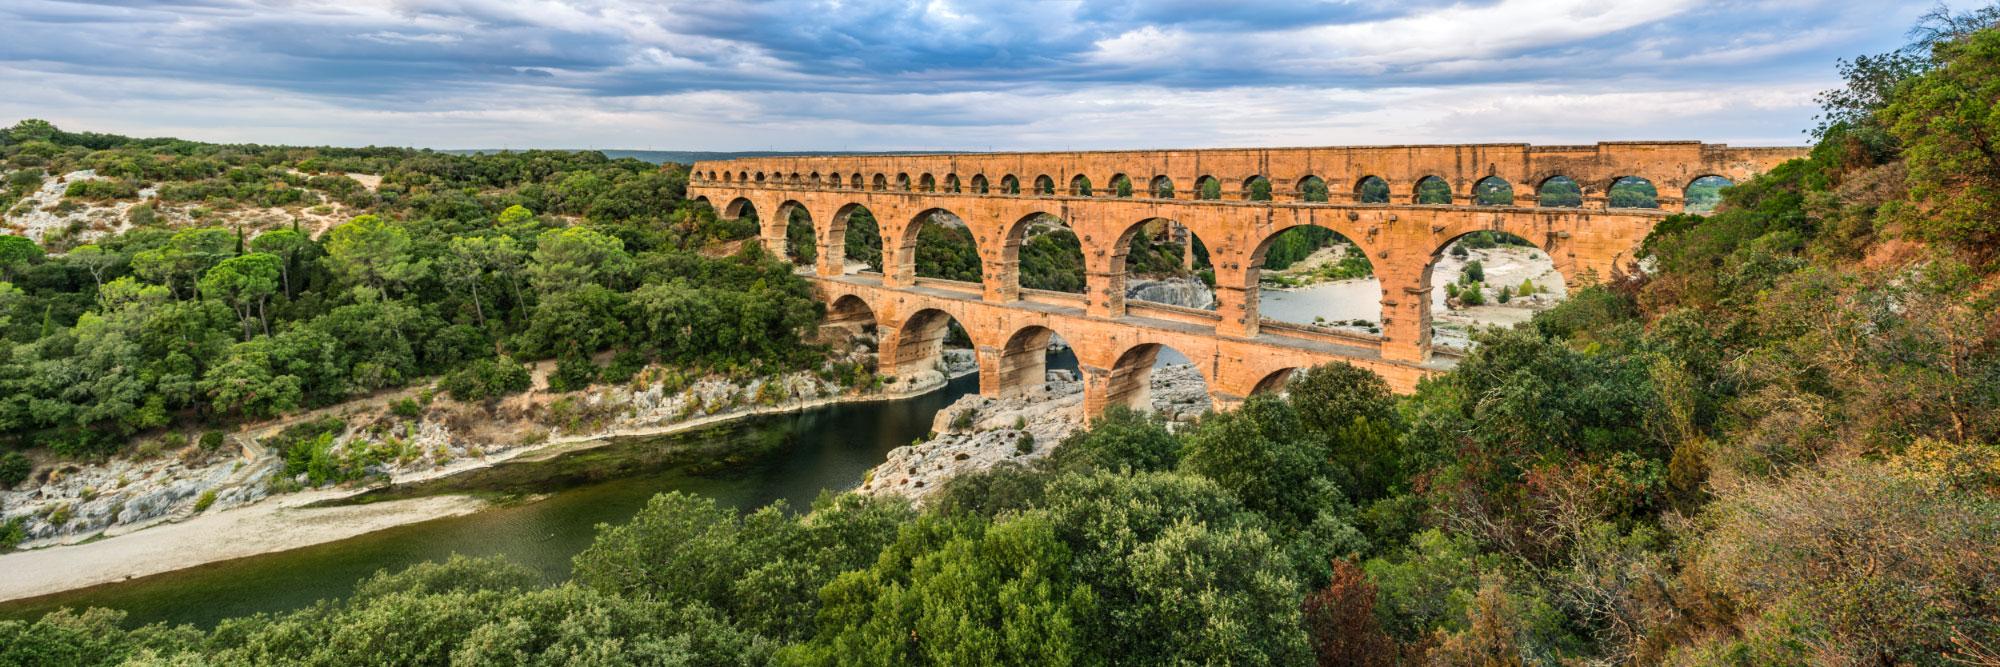 Aqueduc romain du Ier siècle dit Pont du Gard